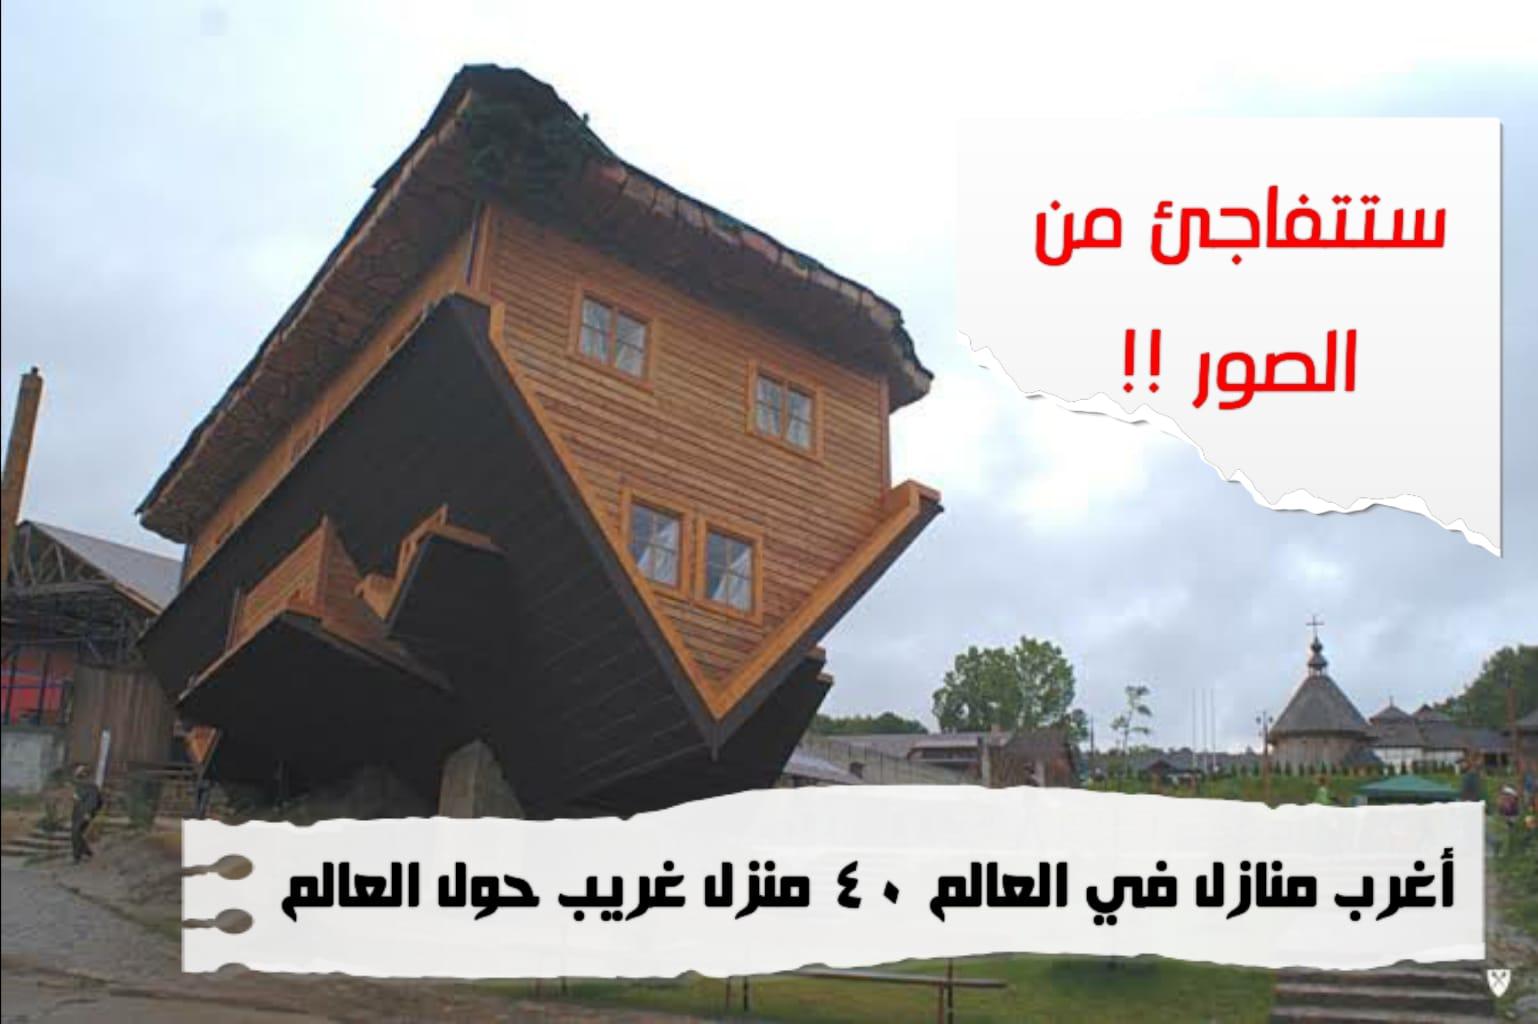 أغرب المنازل في العالم